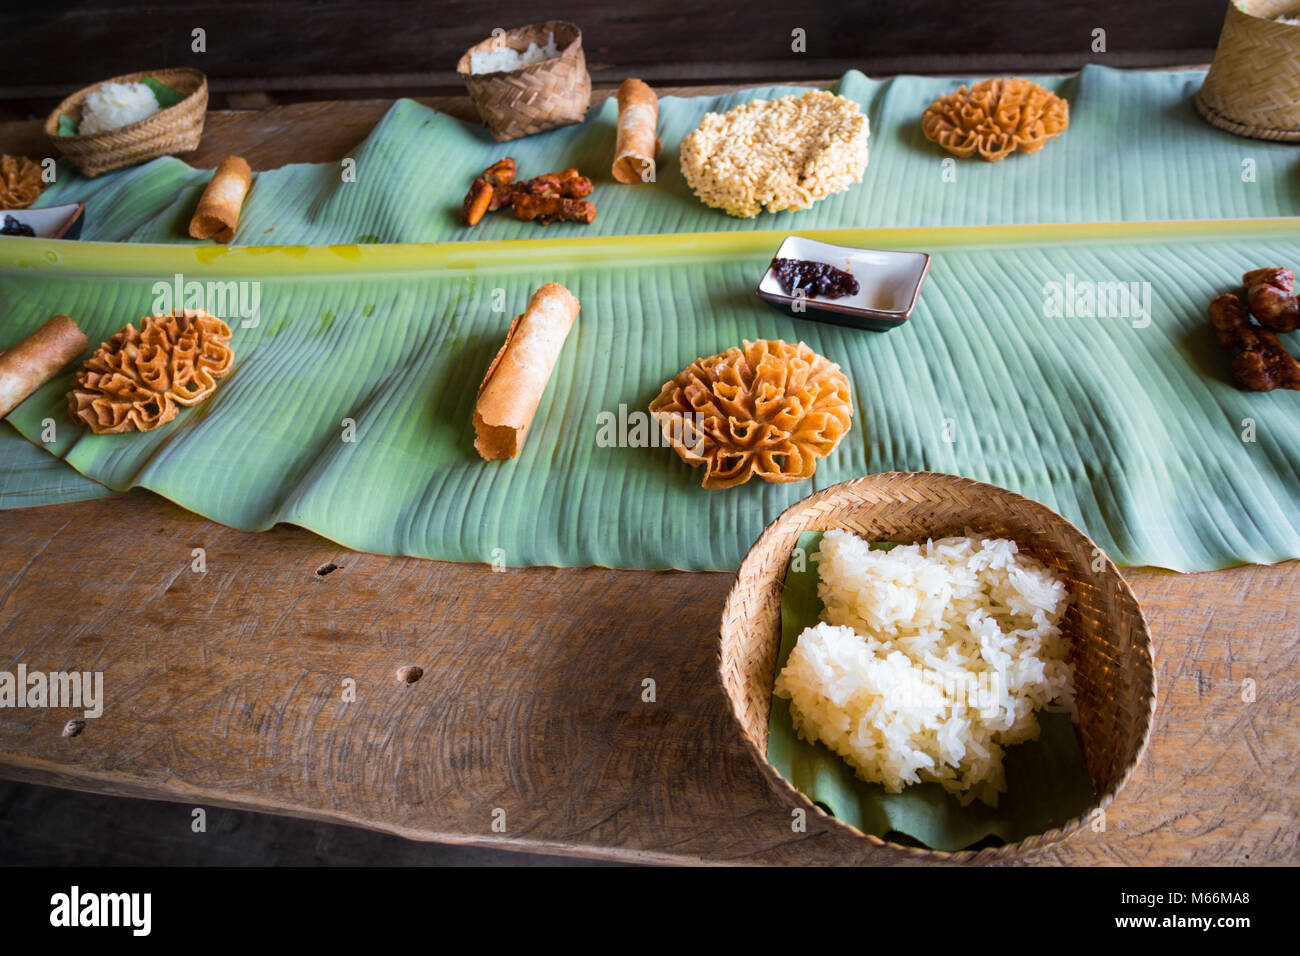 """Il Laos di riso appiccicoso (chiamato """"khao niaow"""") preparati in molti modi deliziosi. Presso il living Immagini Stock"""